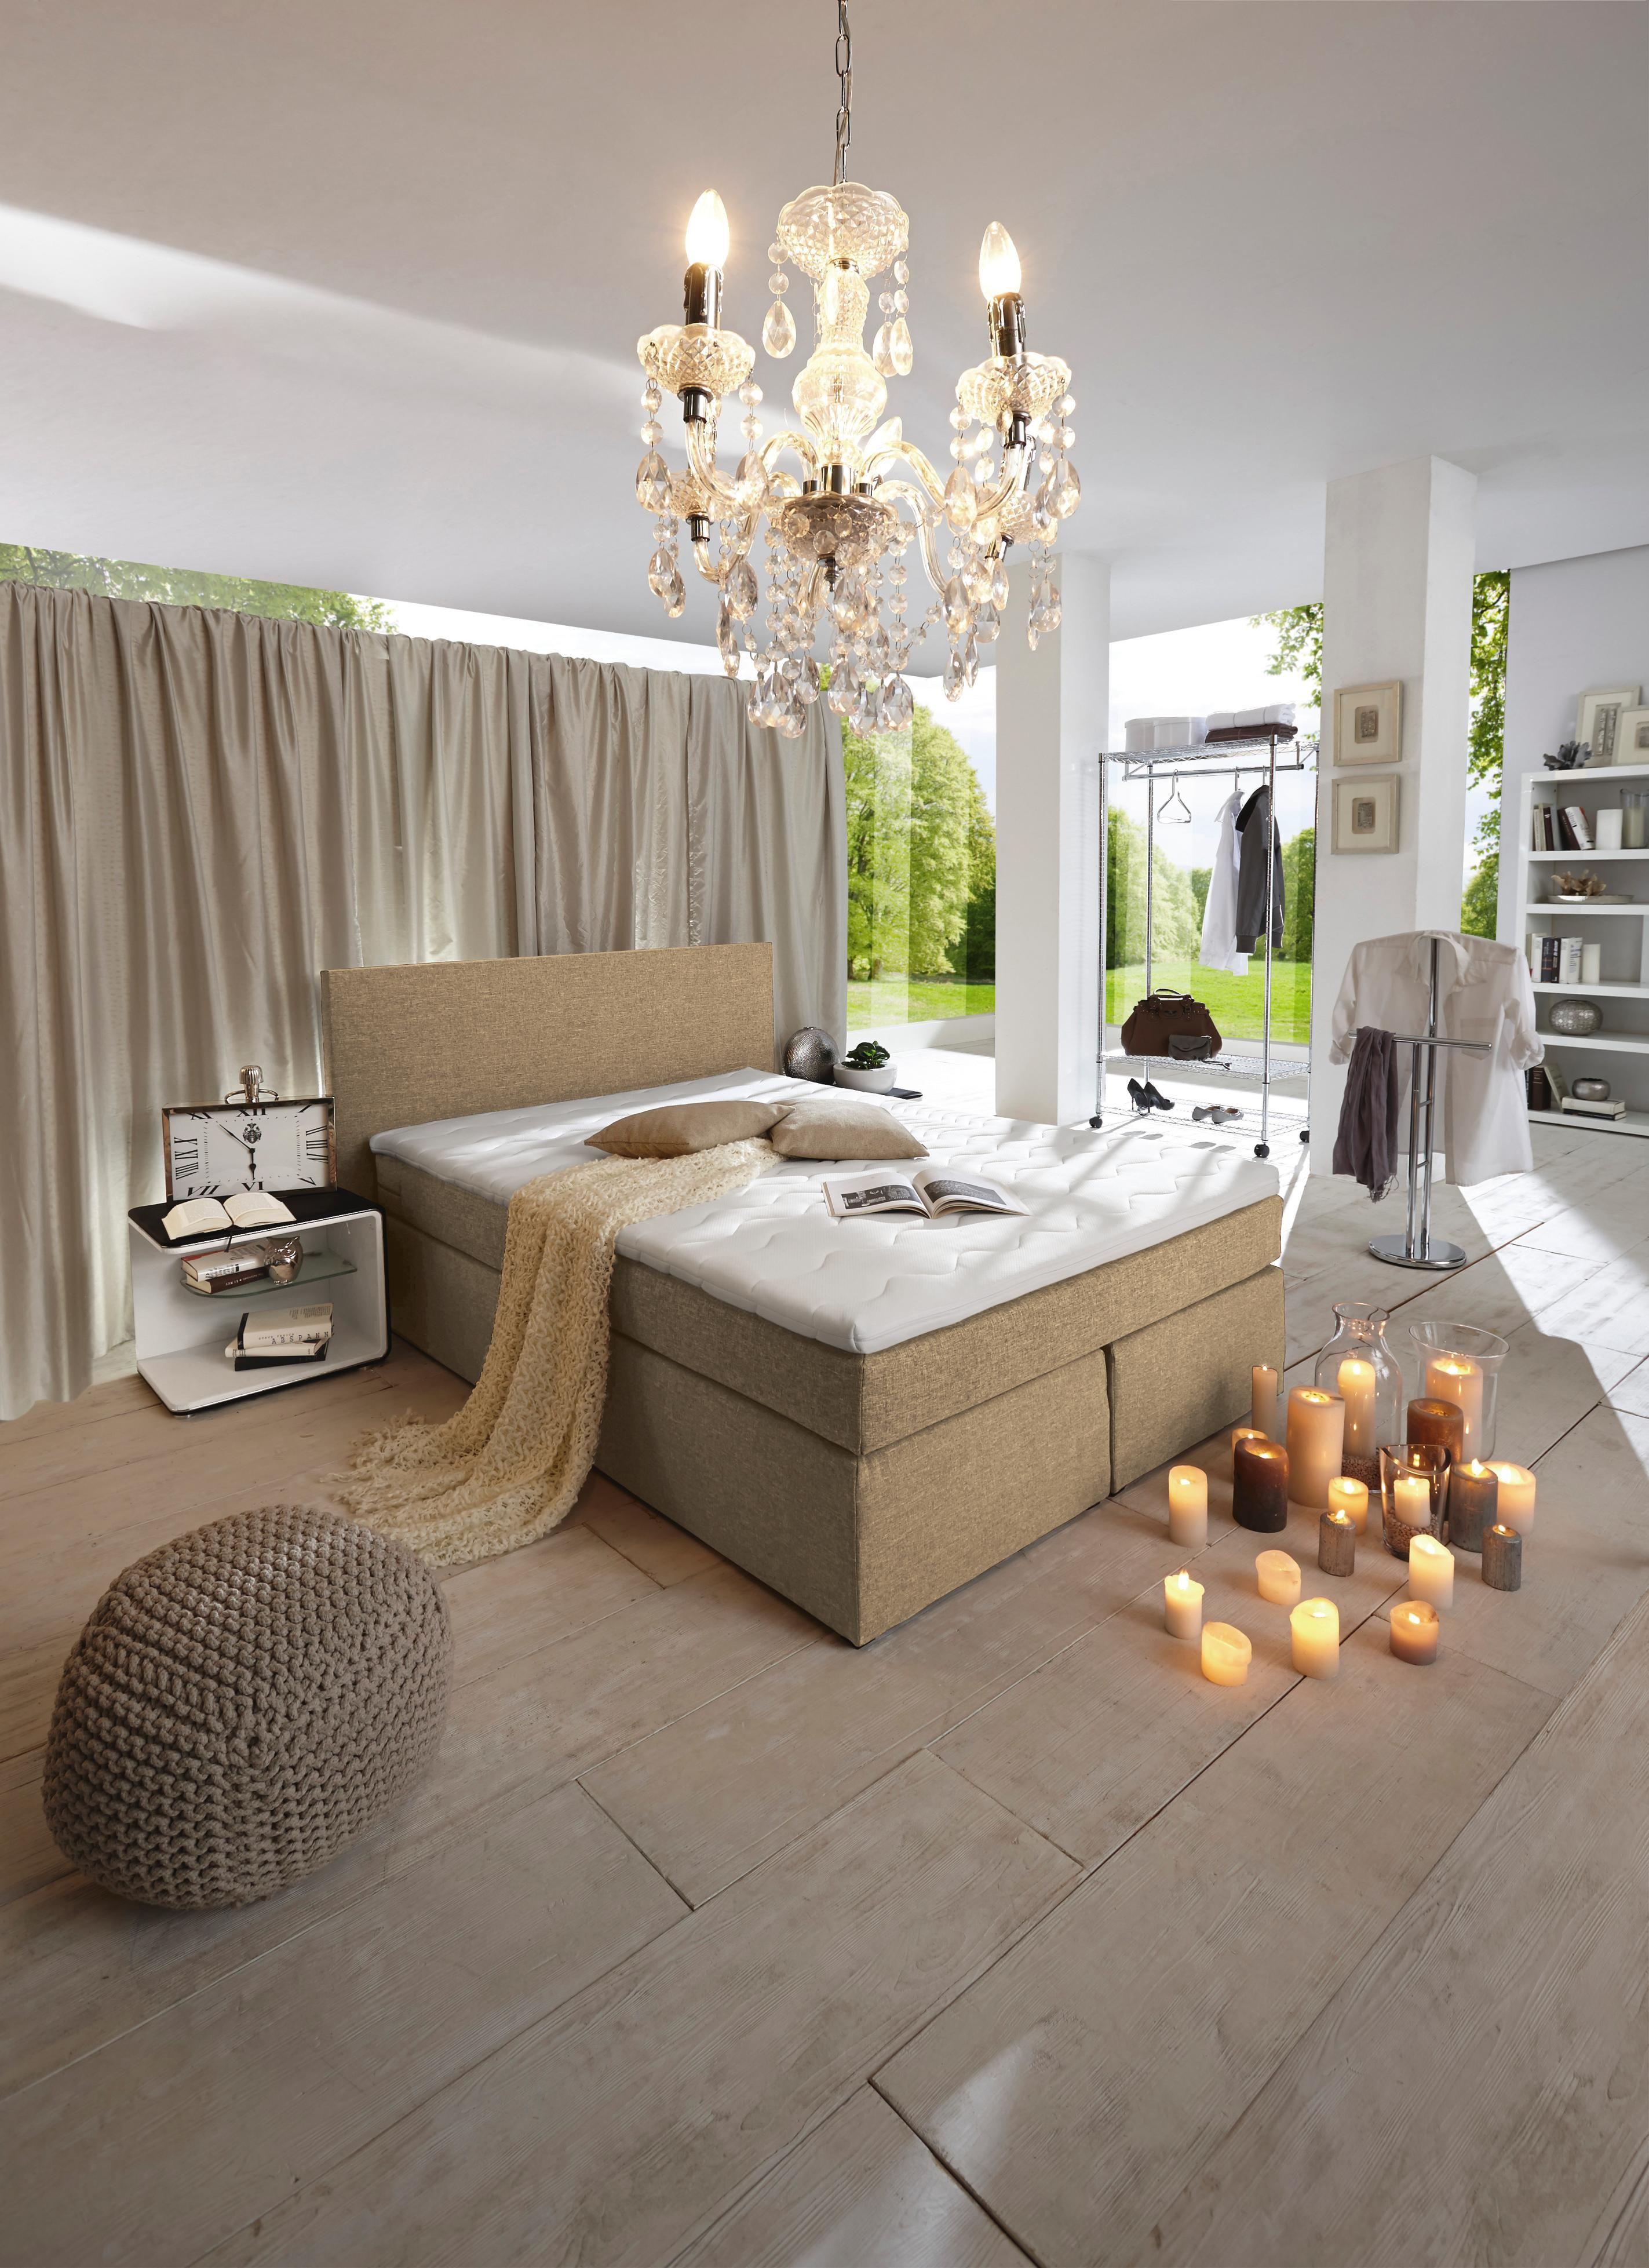 Wenn Träume wahr werden: Dieses elegante Boxspringbett ist nicht nur ein Hingucker in jedem Schlafzimmer, sondern überzeugt auch durch seine bequeme Polsterung und Liegefläche. Ein Bett für erholsamen Schlaf!